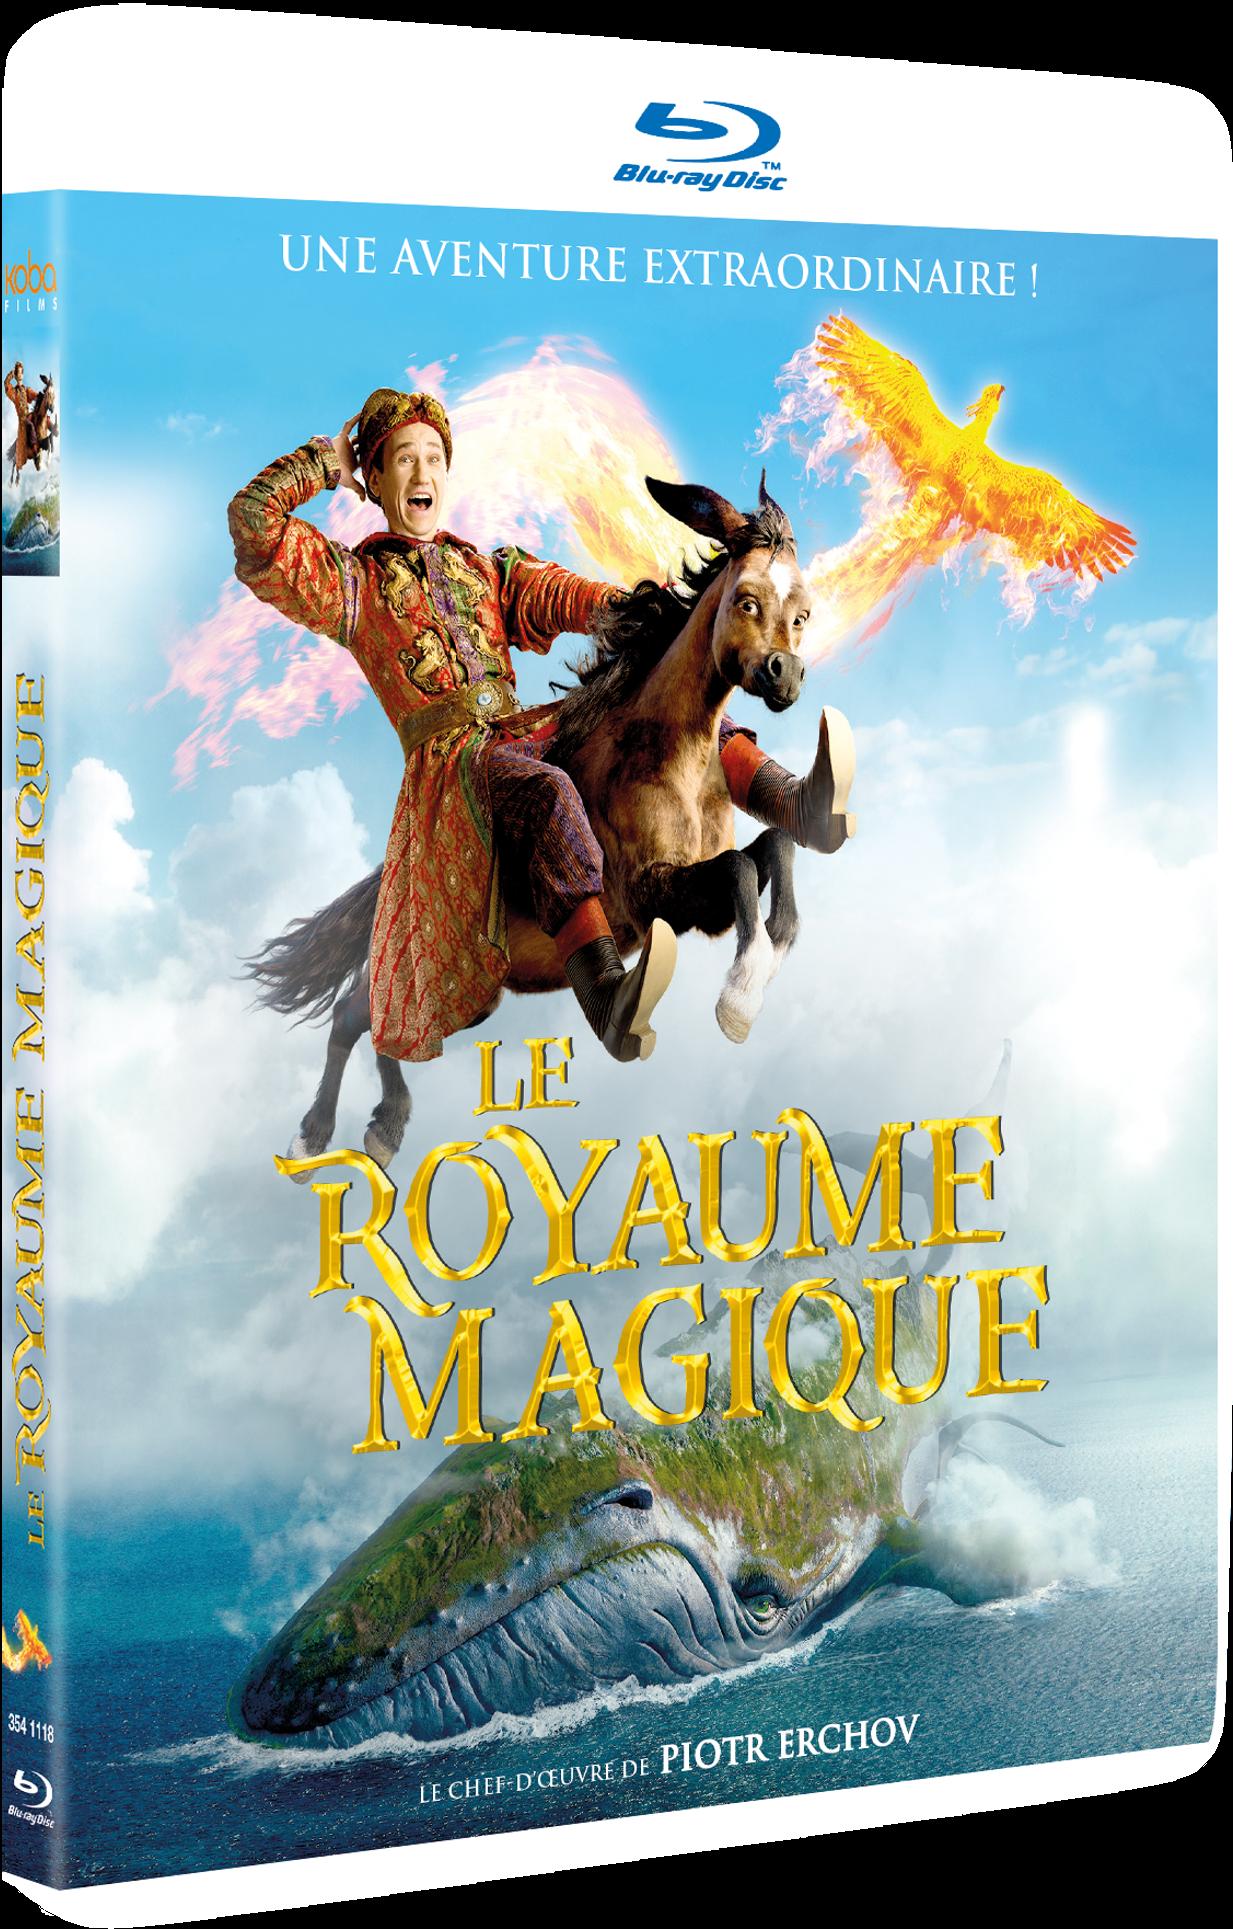 LE ROYAUME MAGIQUE - BRD